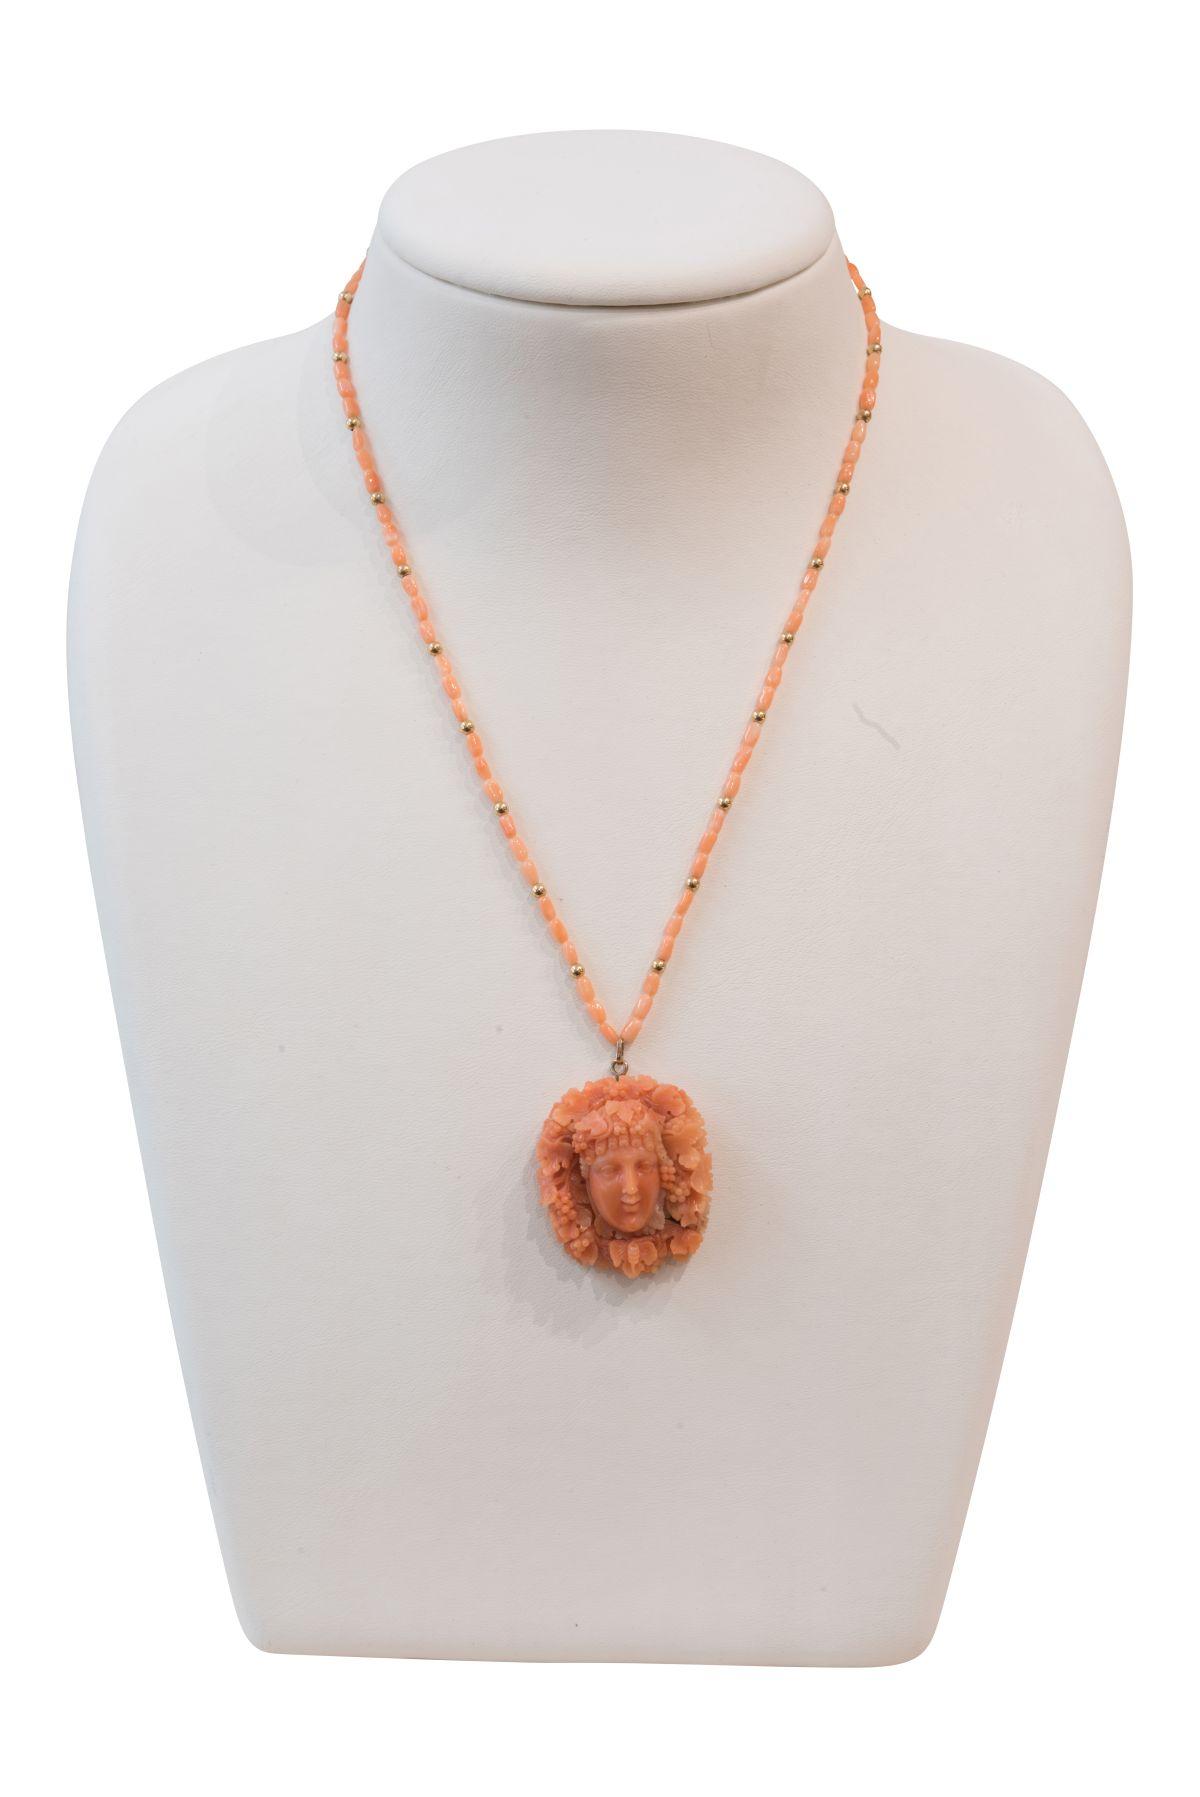 #180 Corallnecklace | Korallencollier Image